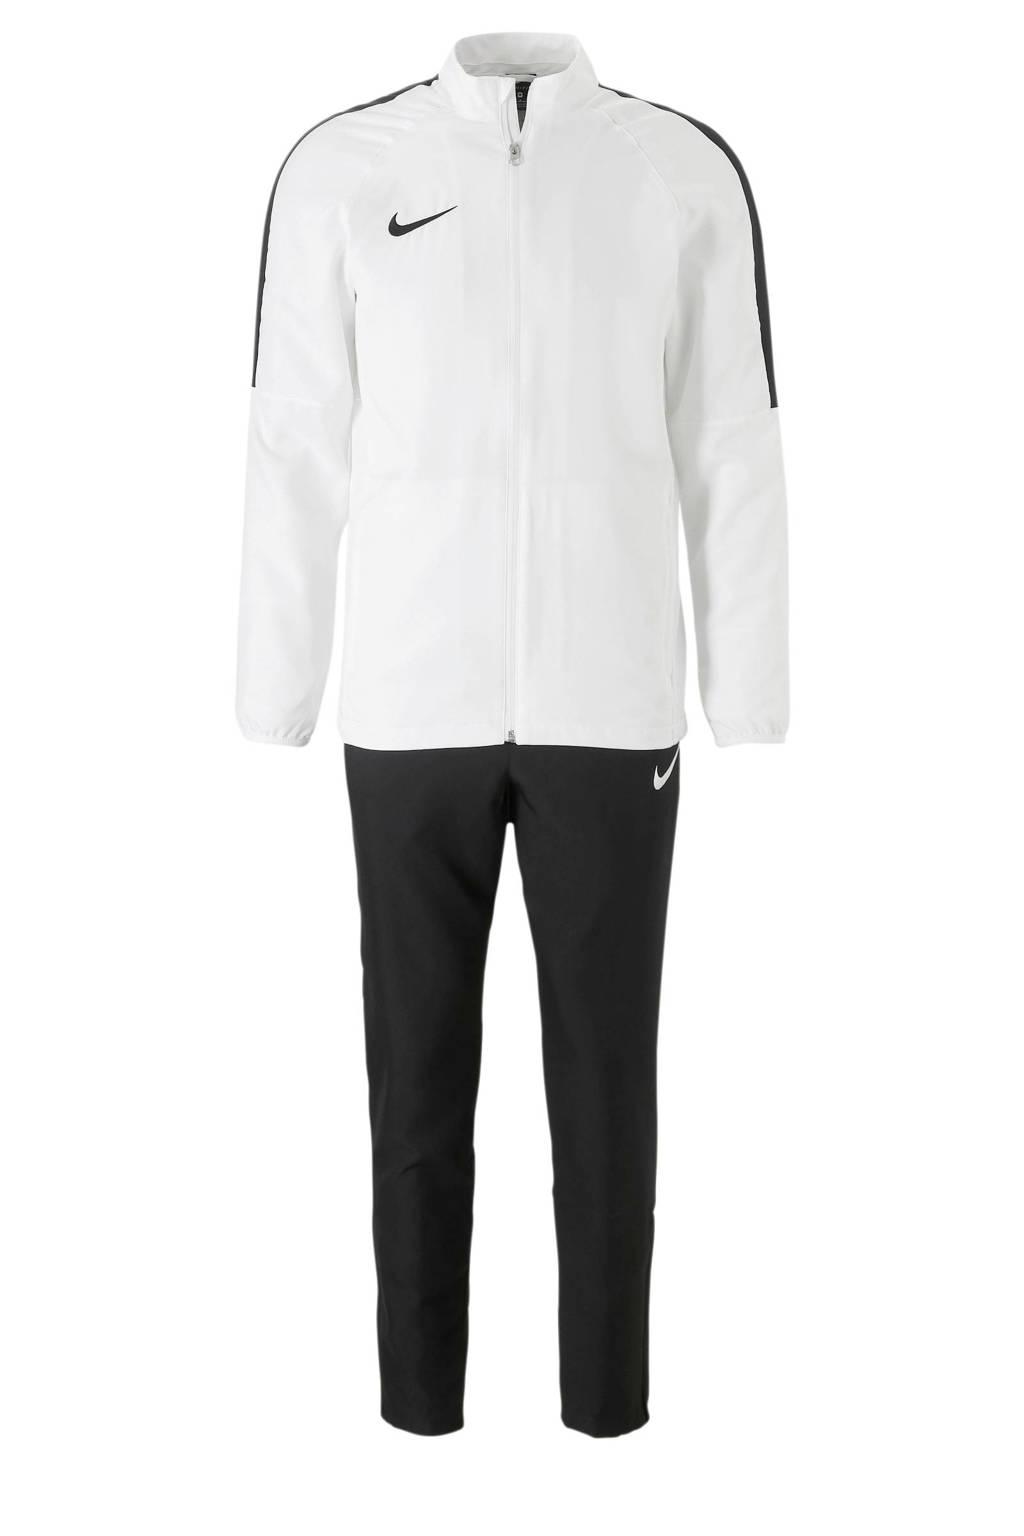 Nike   trainingspak wit, Zwart/wit